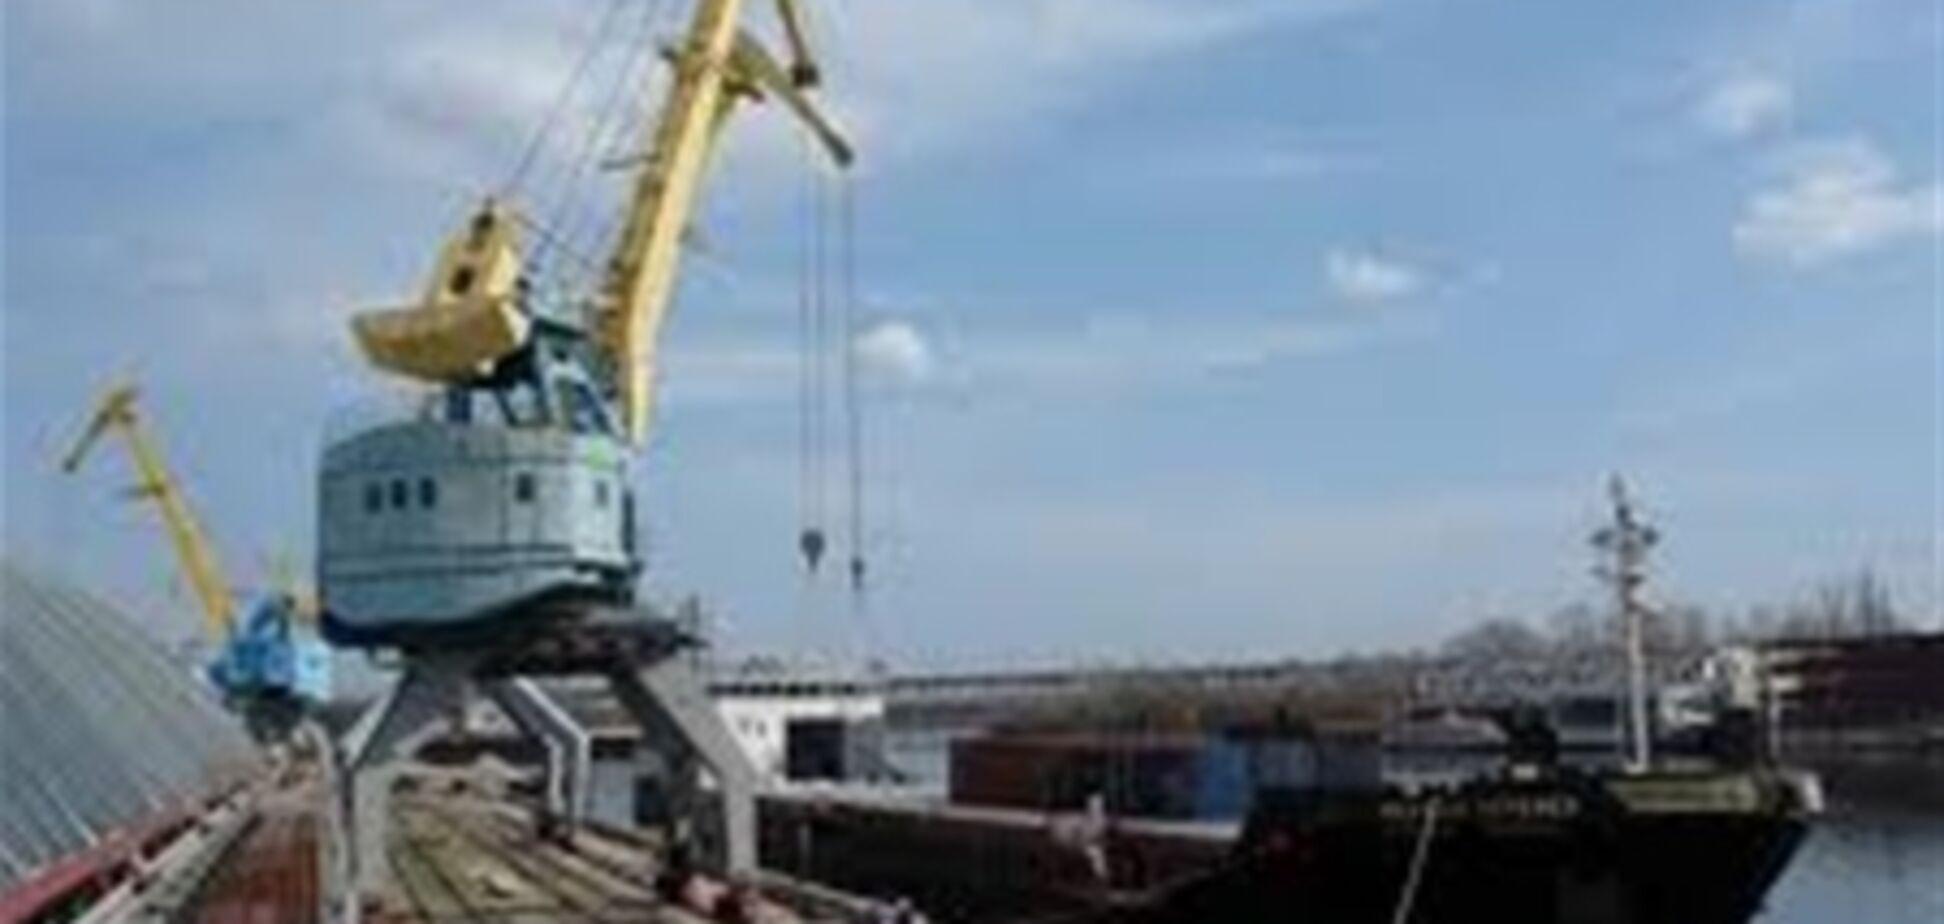 Співробітники Київського річпорту попалися на незаконному продажі баржі